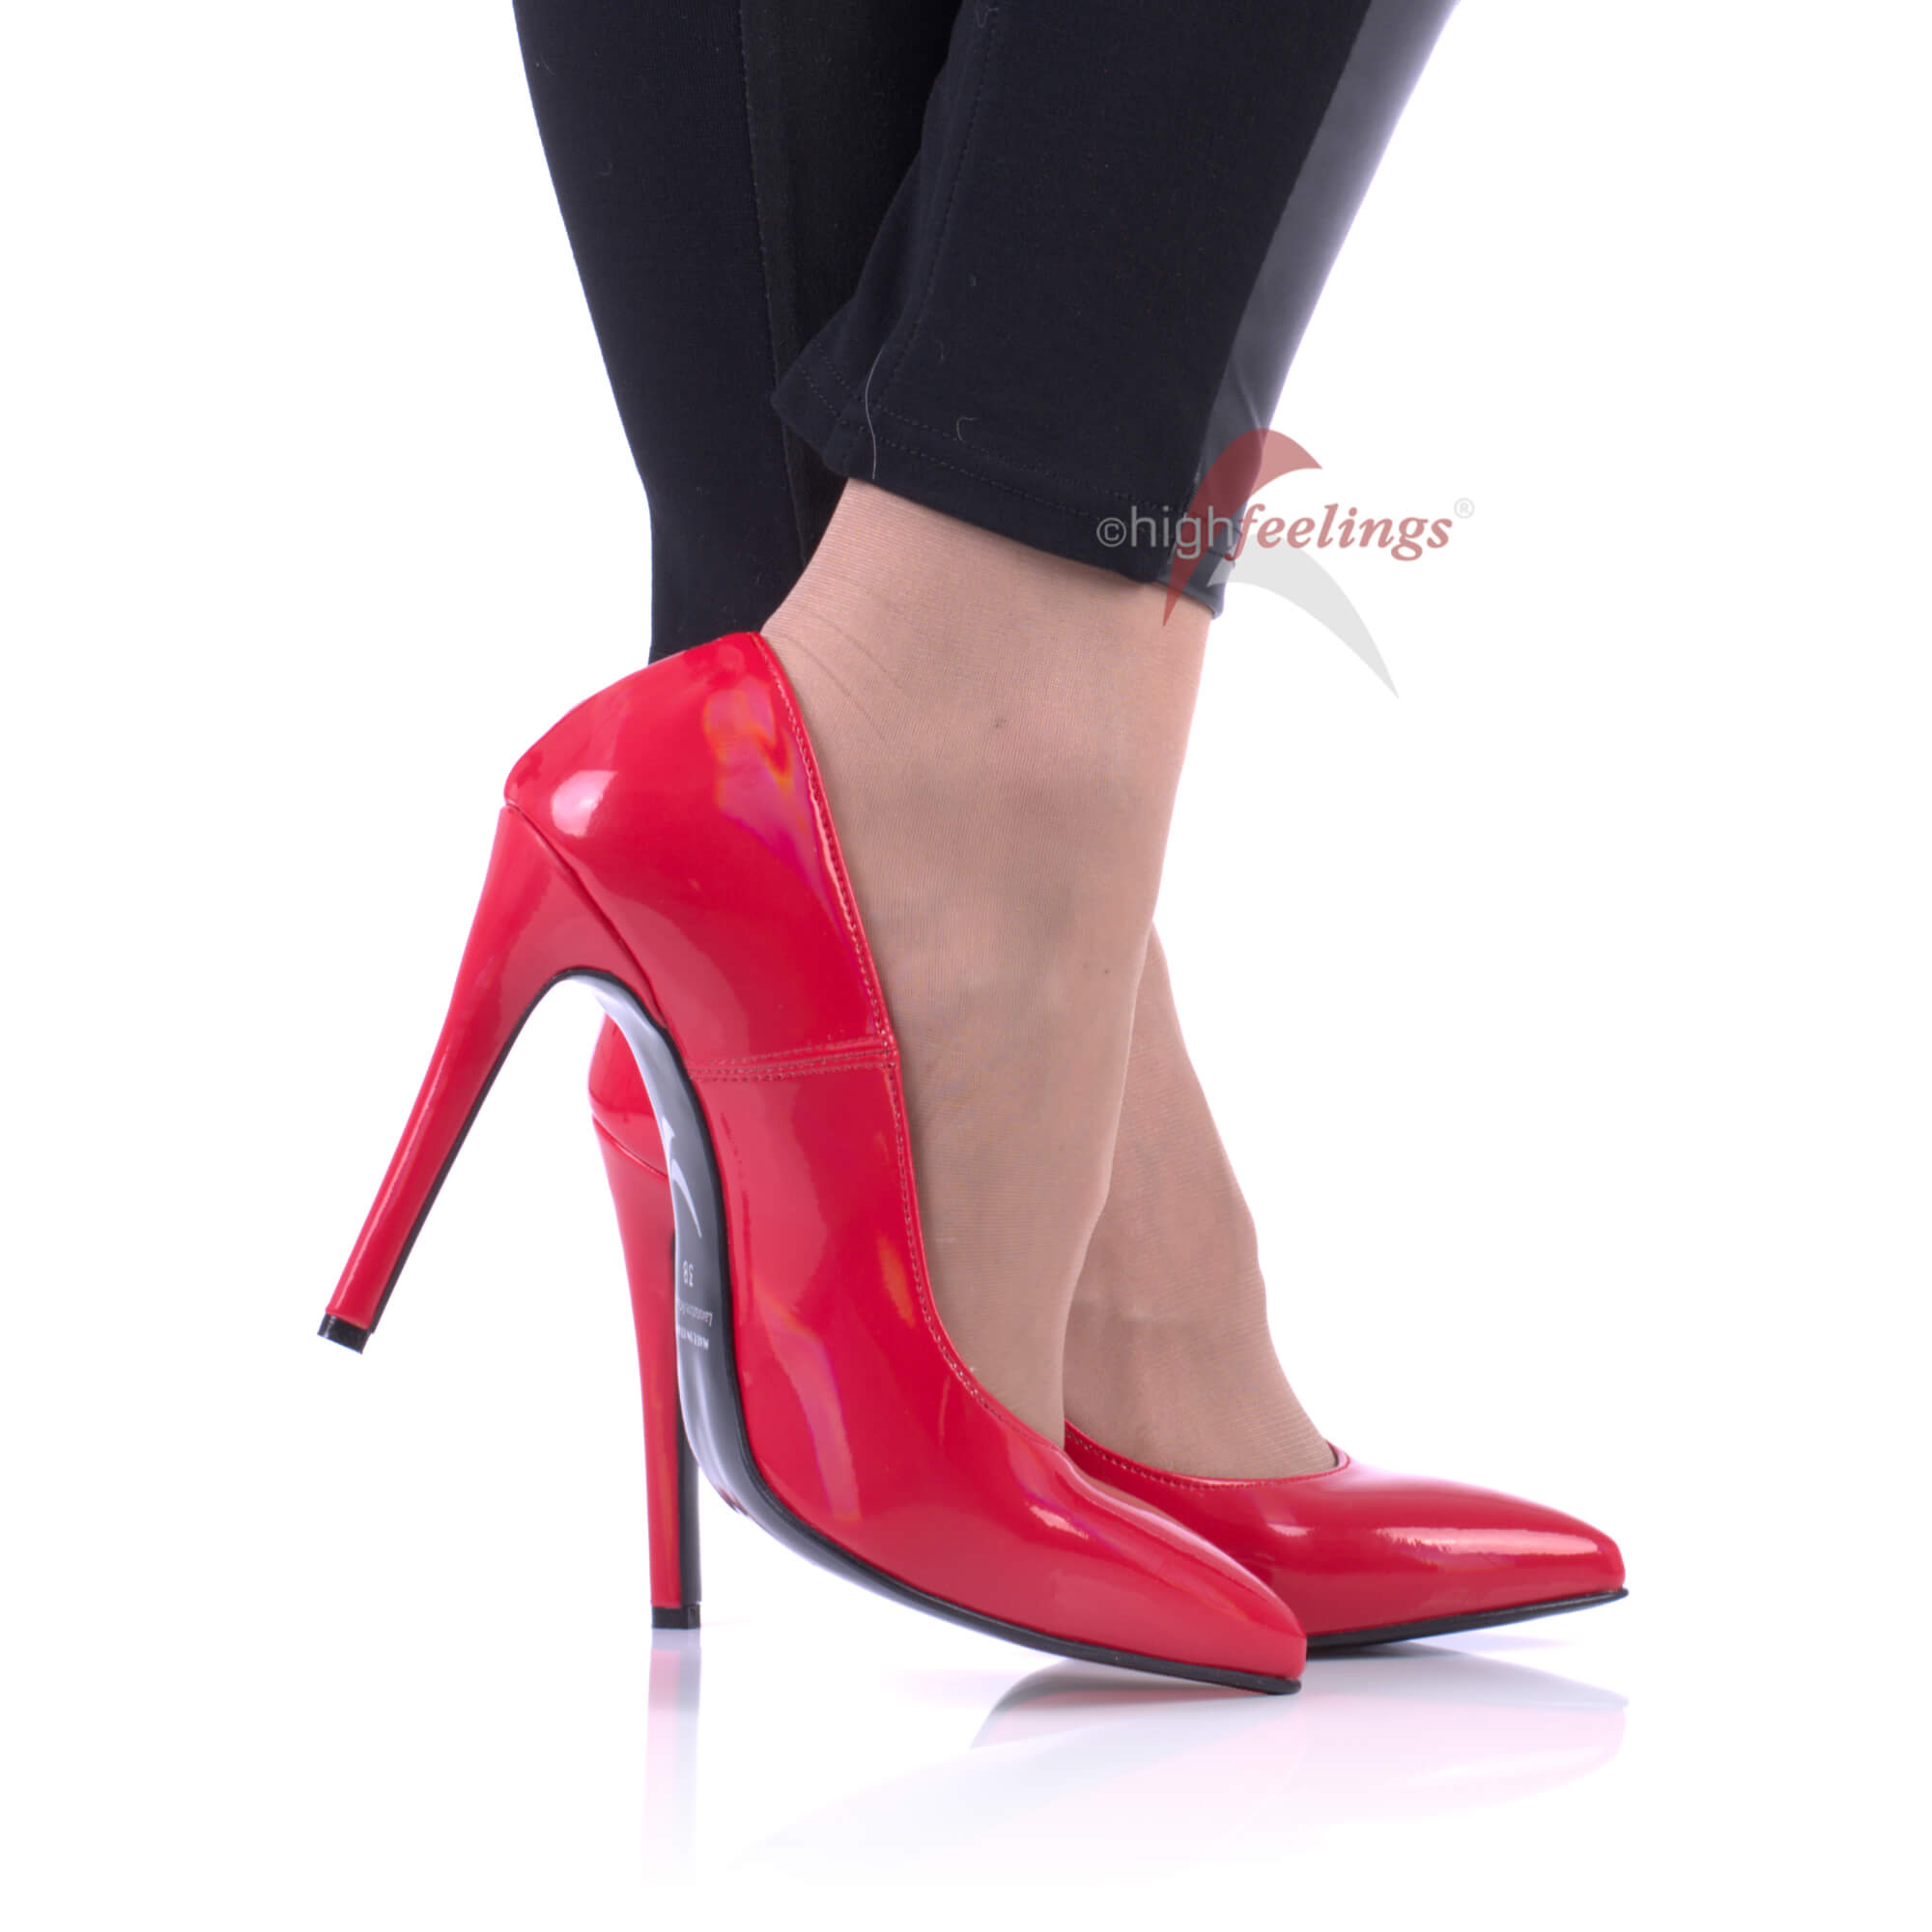 Details zu Rote Pumps High Heels Schimmernder Lack 10 12 cm Absatz Größe EUR 36 47